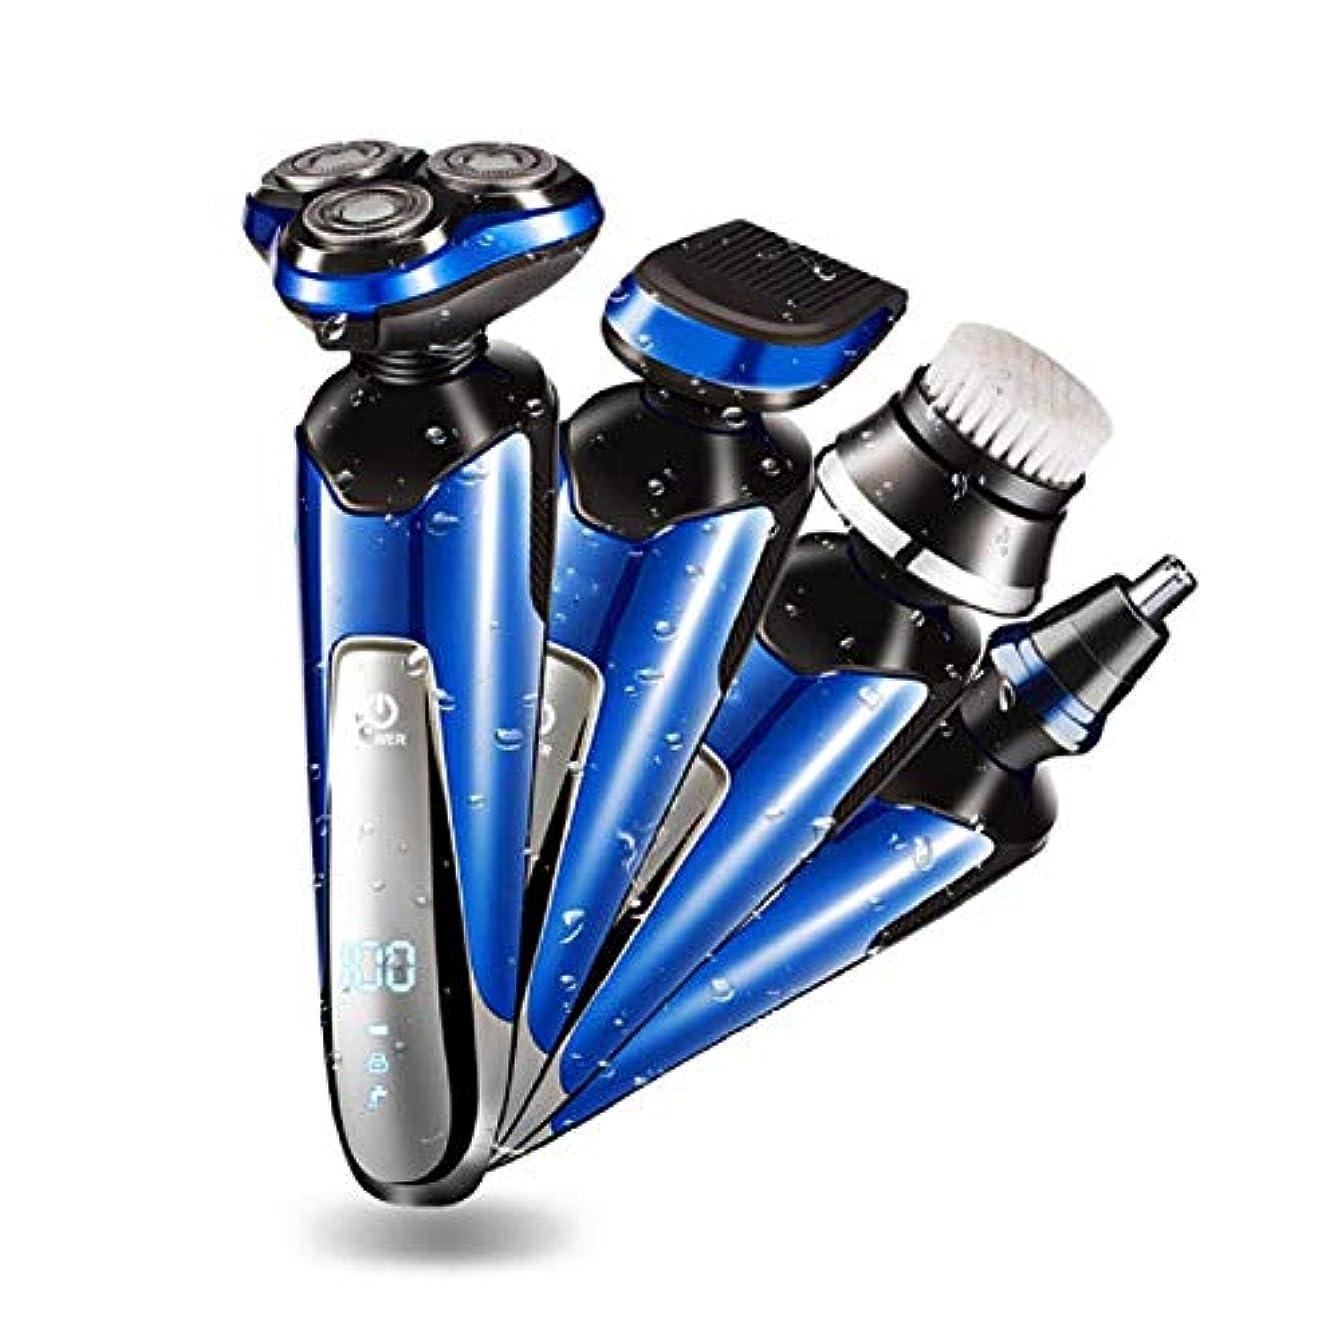 サラミ批判的に同時4-in-1多機能メンズ電気シェーバートリマー、回転ひげ鼻毛トリマーウォッシュブラシ防水ウェットとドライのデュアルユースUSB充電式シェービングマシン